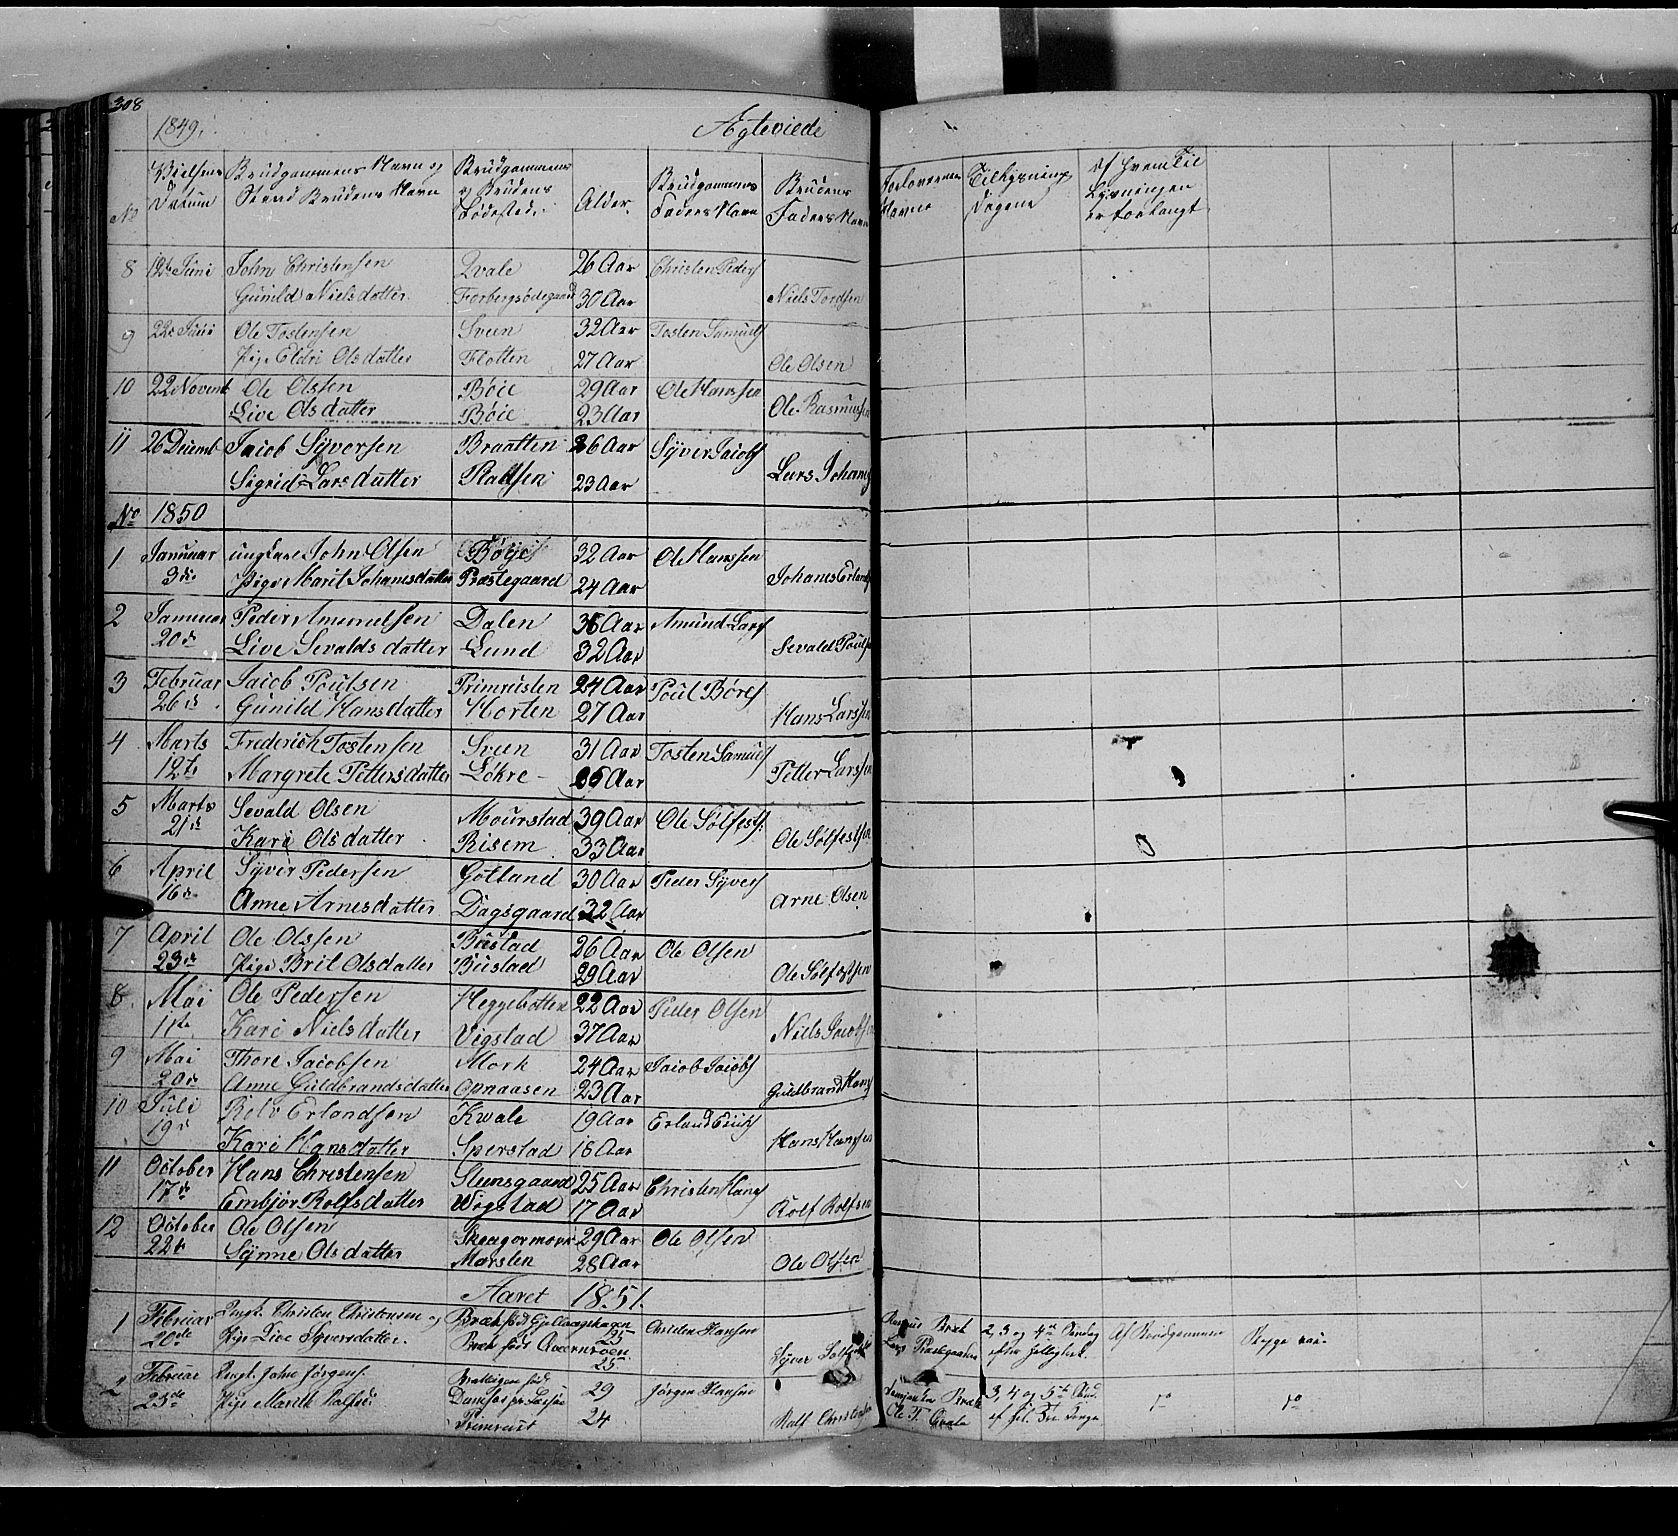 SAH, Lom prestekontor, L/L0004: Klokkerbok nr. 4, 1845-1864, s. 308-309